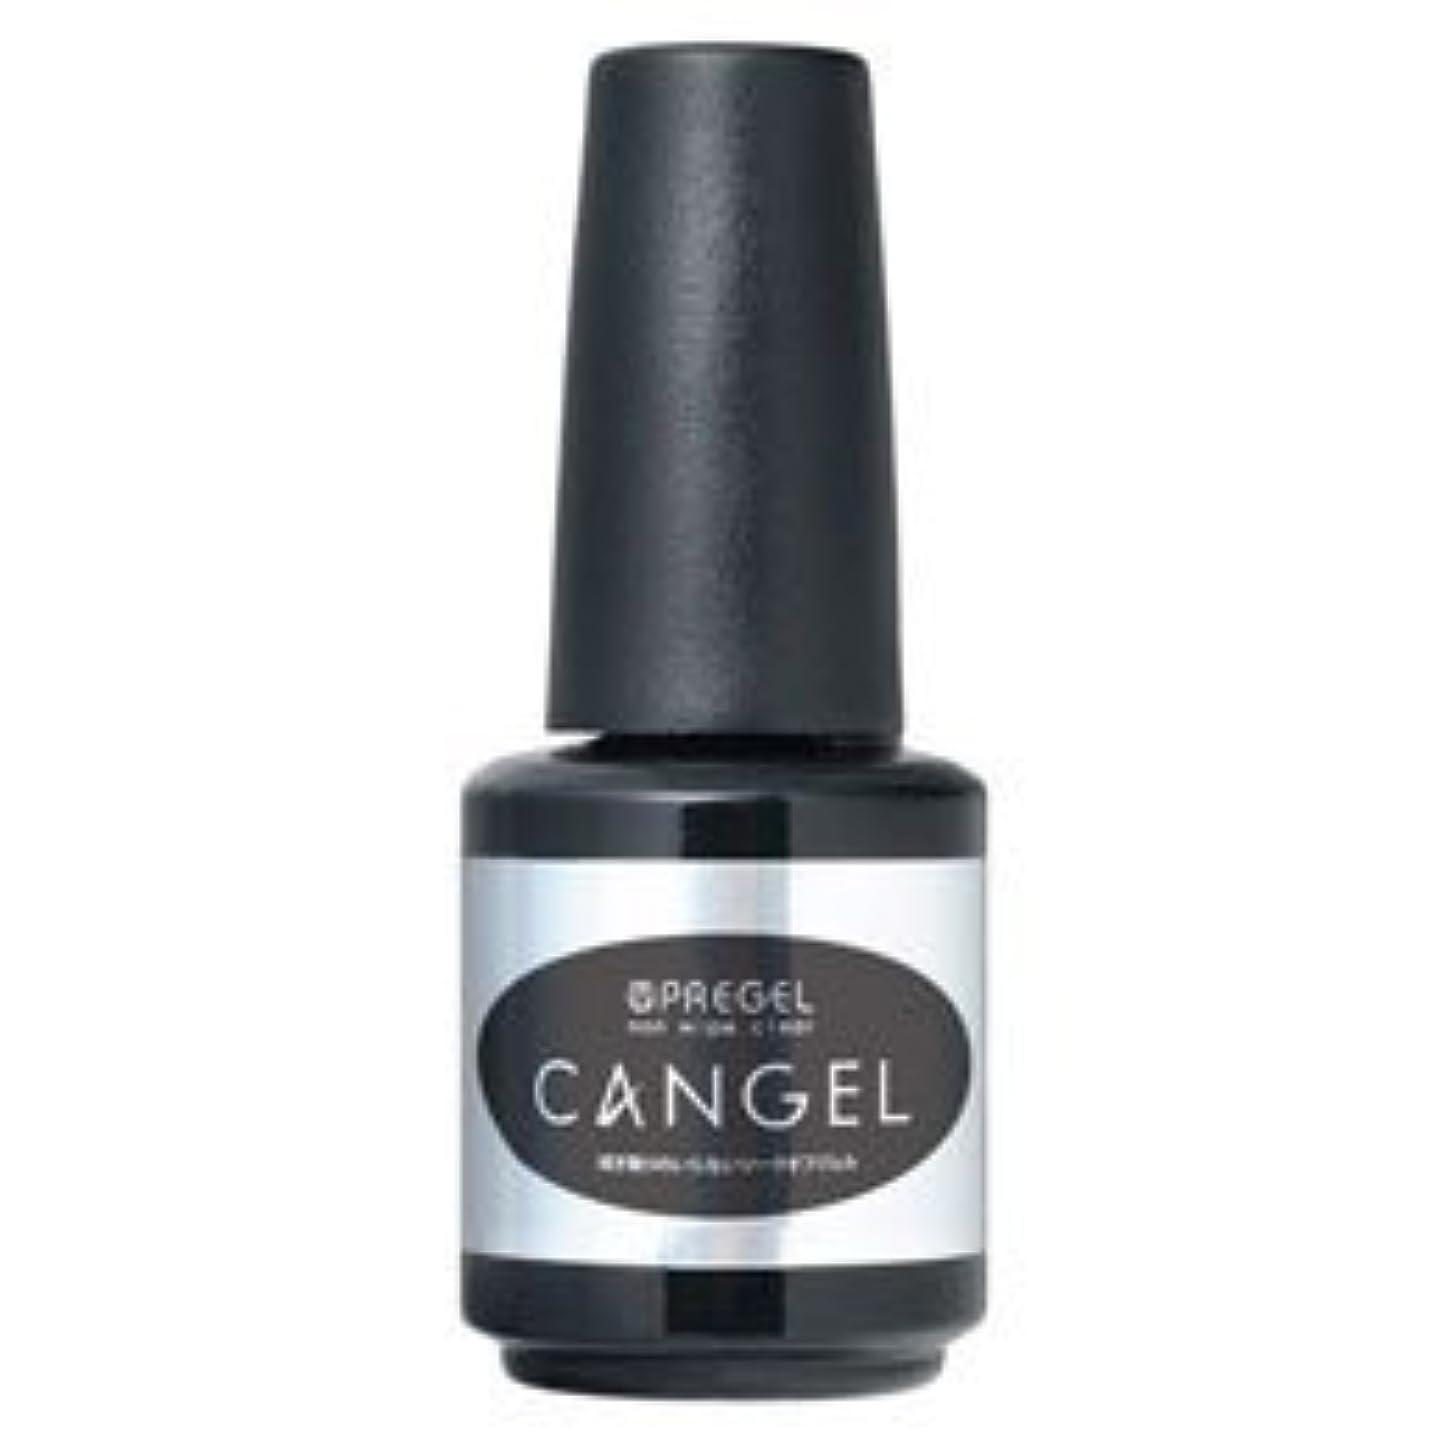 引き算あるリングレットPRE GEL ノンワイプクリア キャンジェル 14g PG-CAN-14